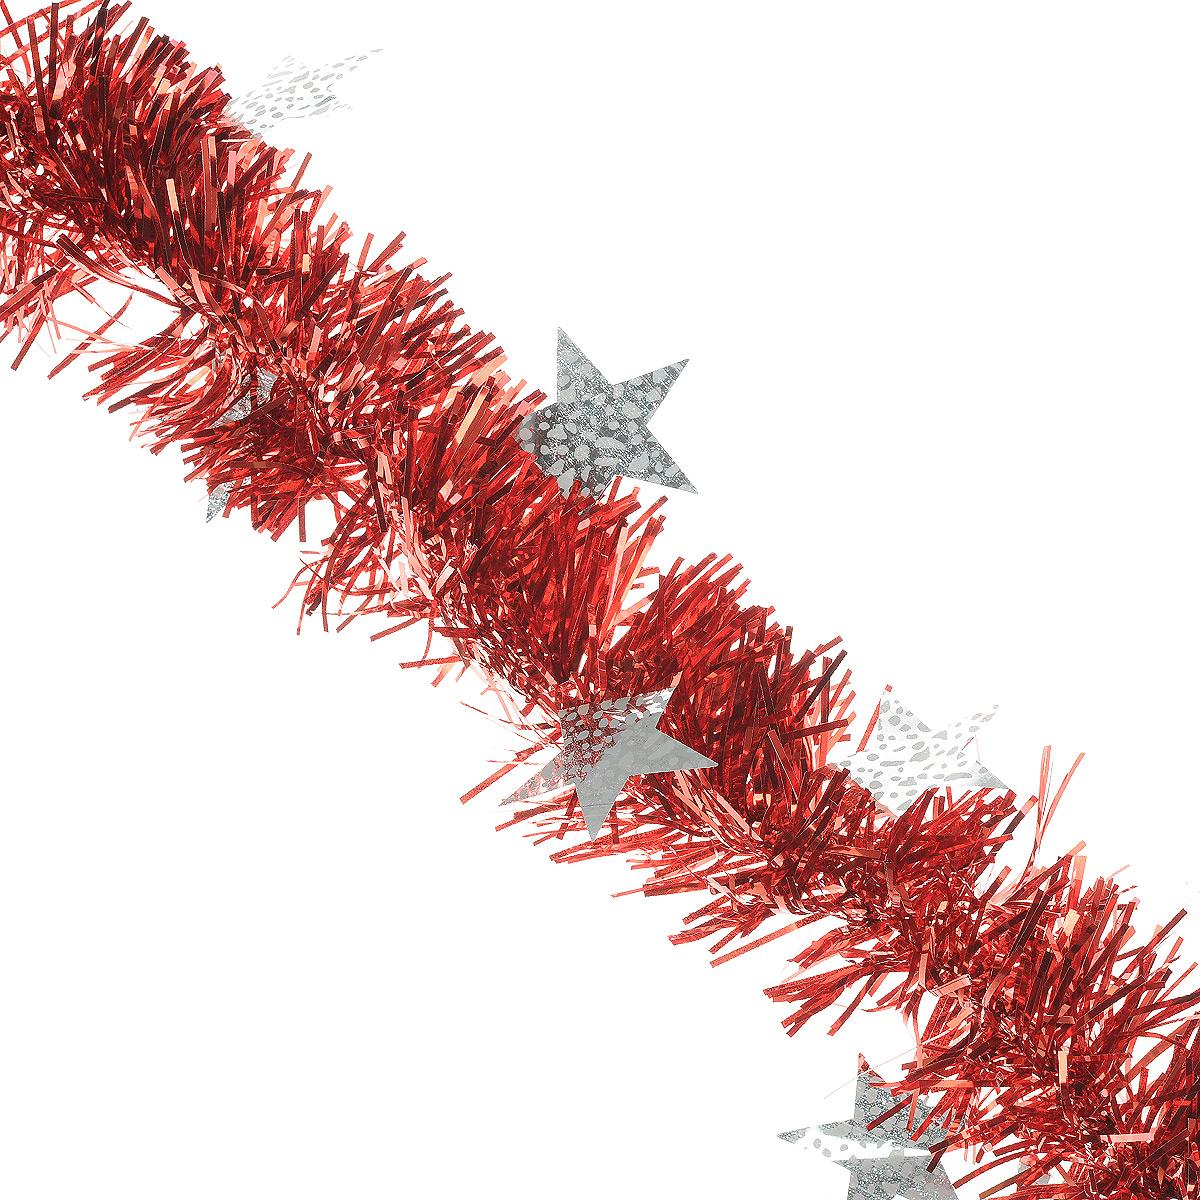 Мишура новогодняя Sima-land, цвет: красный, серебристый, диаметр 9 см, длина 2 м. 825983825983Новогодняя мишура Sima-land, выполненная из ПЭТ (полиэтилентерефталат), поможет вам украсить свой дом к предстоящим праздникам. Изделие декорировано звездами. Новогодняя елка с таким украшением станет еще наряднее. Мишура армирована, то есть имеет проволоку внутри и способна сохранять форму. Новогодней мишурой можно украсить все, что угодно - елку, квартиру, дачу, офис - как внутри, так и снаружи. Можно сложить новогодние поздравления, буквы и цифры, мишурой можно украсить и дополнить гирлянды, можно выделить дверные колонны, оплести дверные проемы. Коллекция декоративных украшений из серии Magic Time принесет в ваш дом ни с чем не сравнимое ощущение волшебства! Создайте в своем доме атмосферу тепла, веселья и радости, украшая его всей семьей.